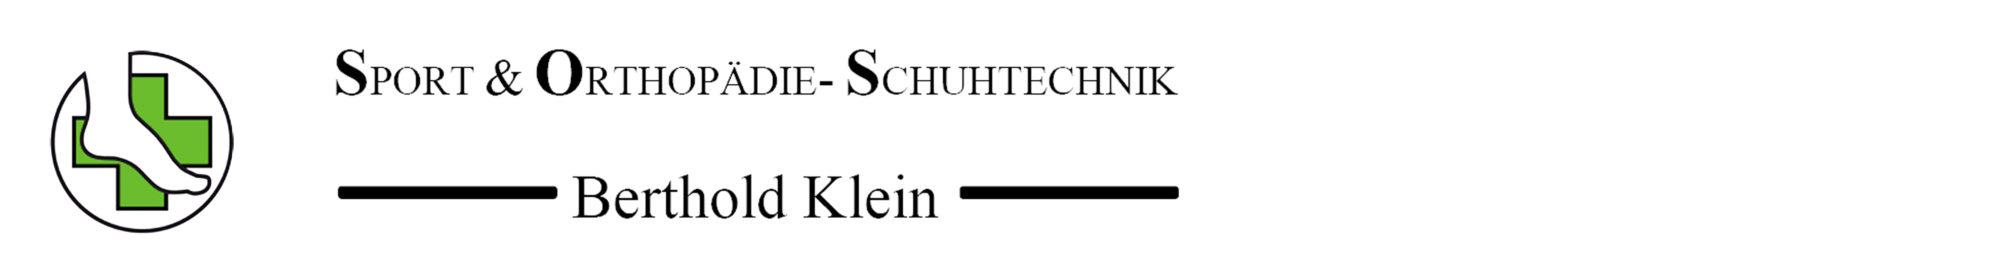 Sport & Orthopädie- Schuhtechnik Berthold Klein